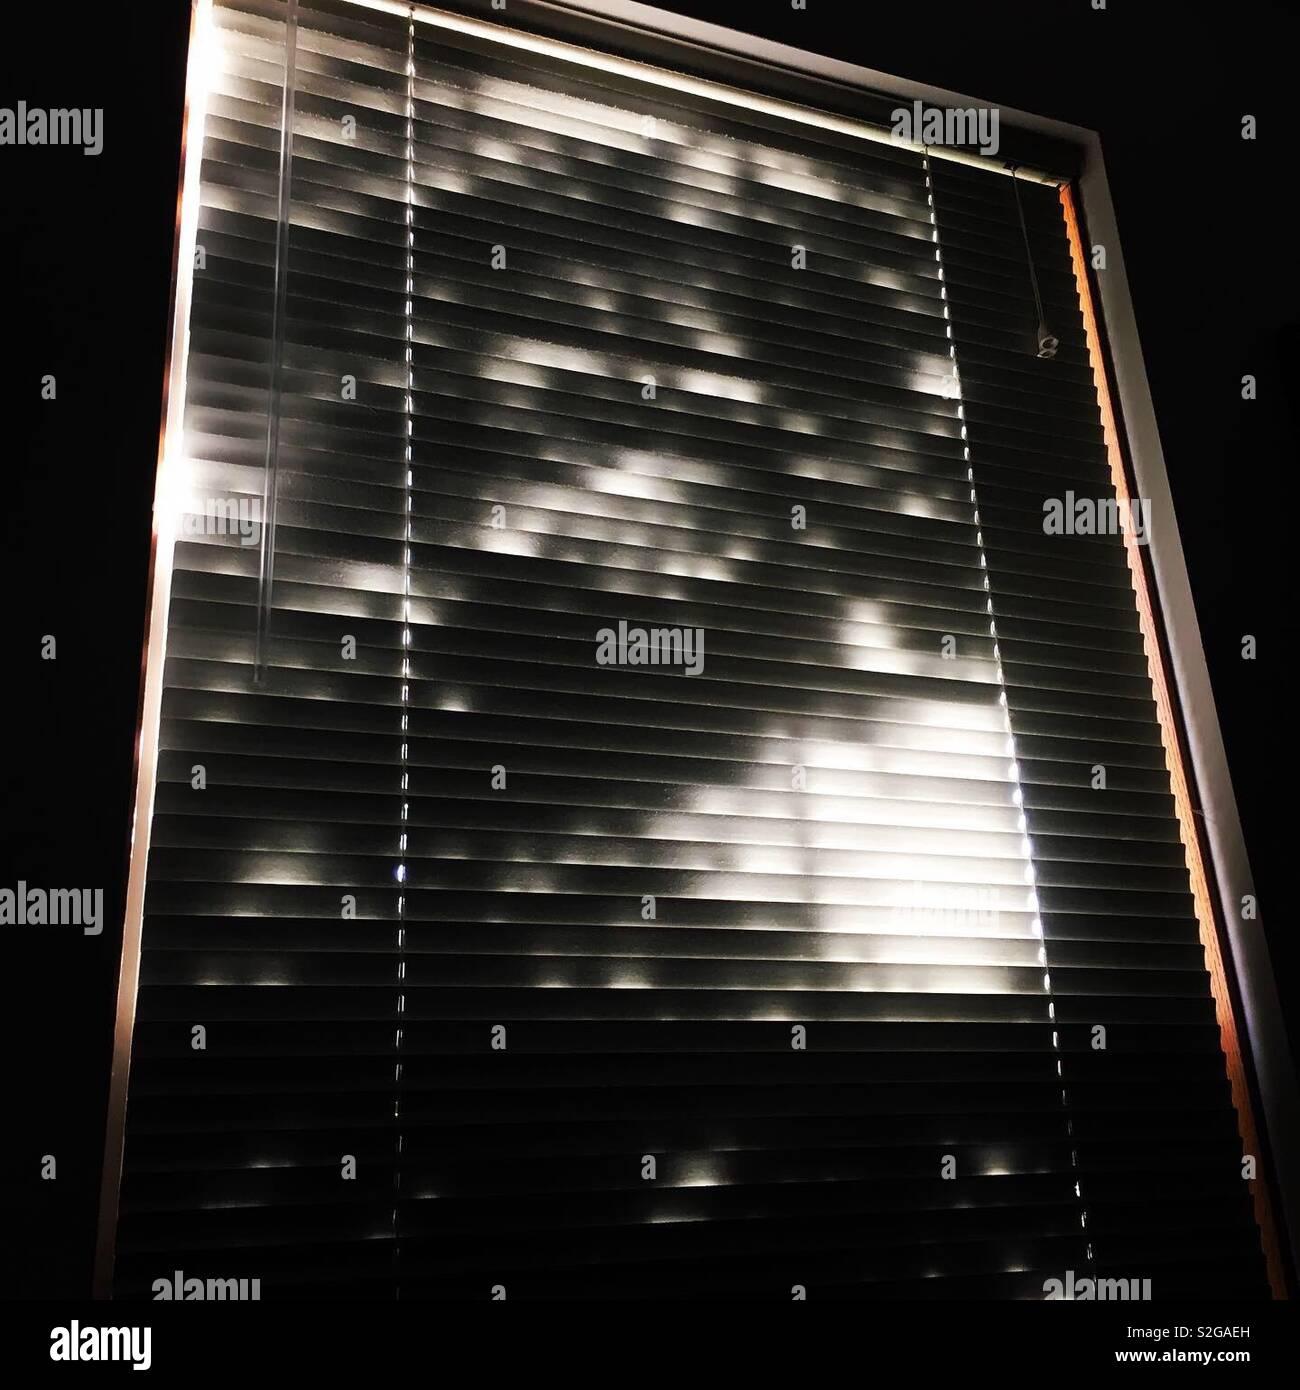 Mit Venezianischen mini Blinds und beleuchtete Schatten Fenster Stockfoto